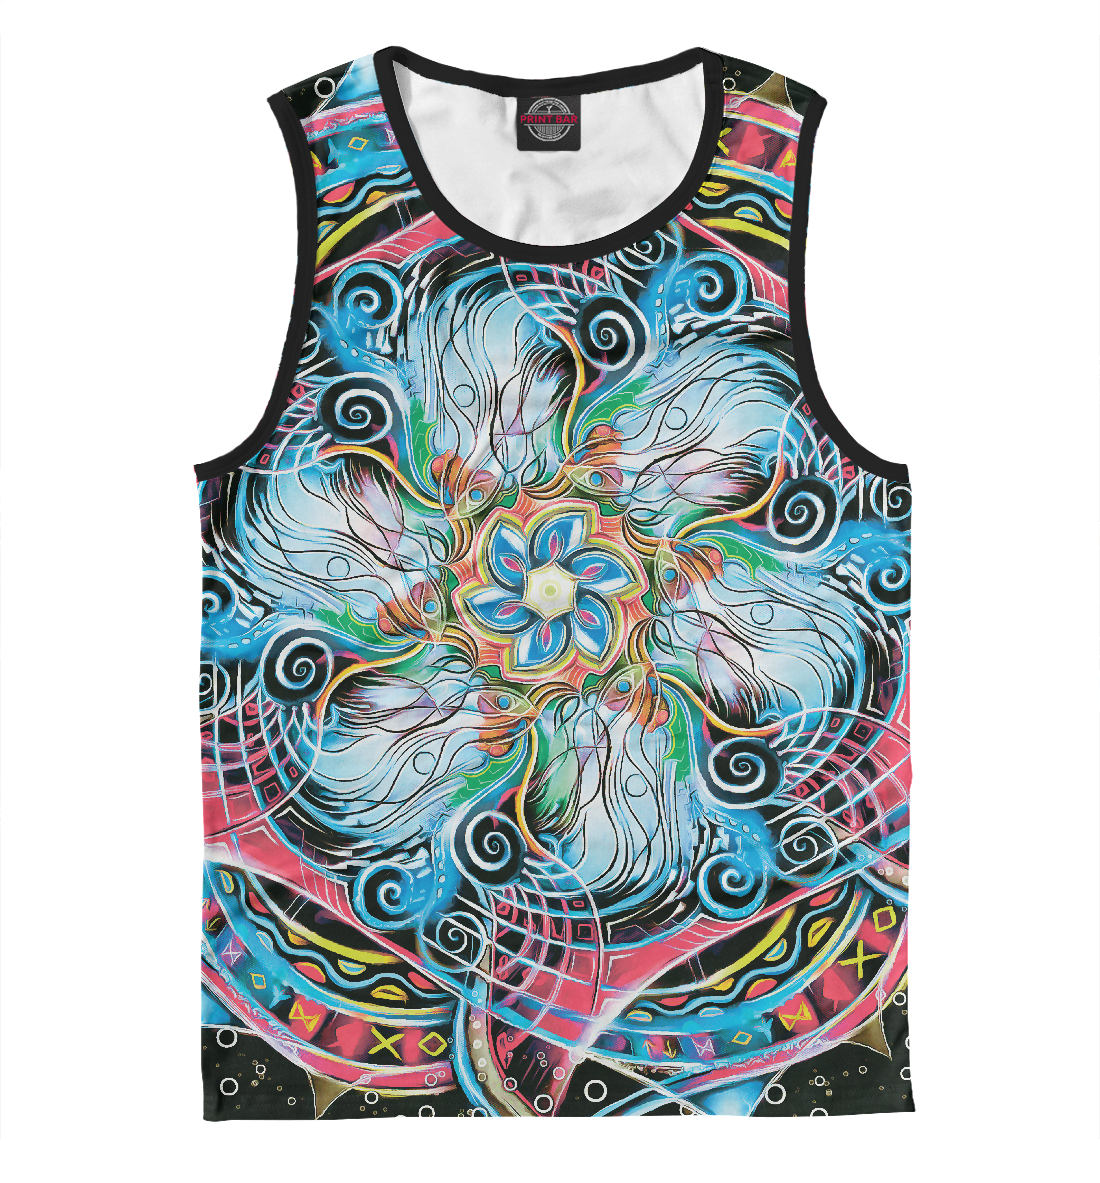 Купить Мандала Странные Цветные Руны, Printbar, Майки, APD-506067-may-2